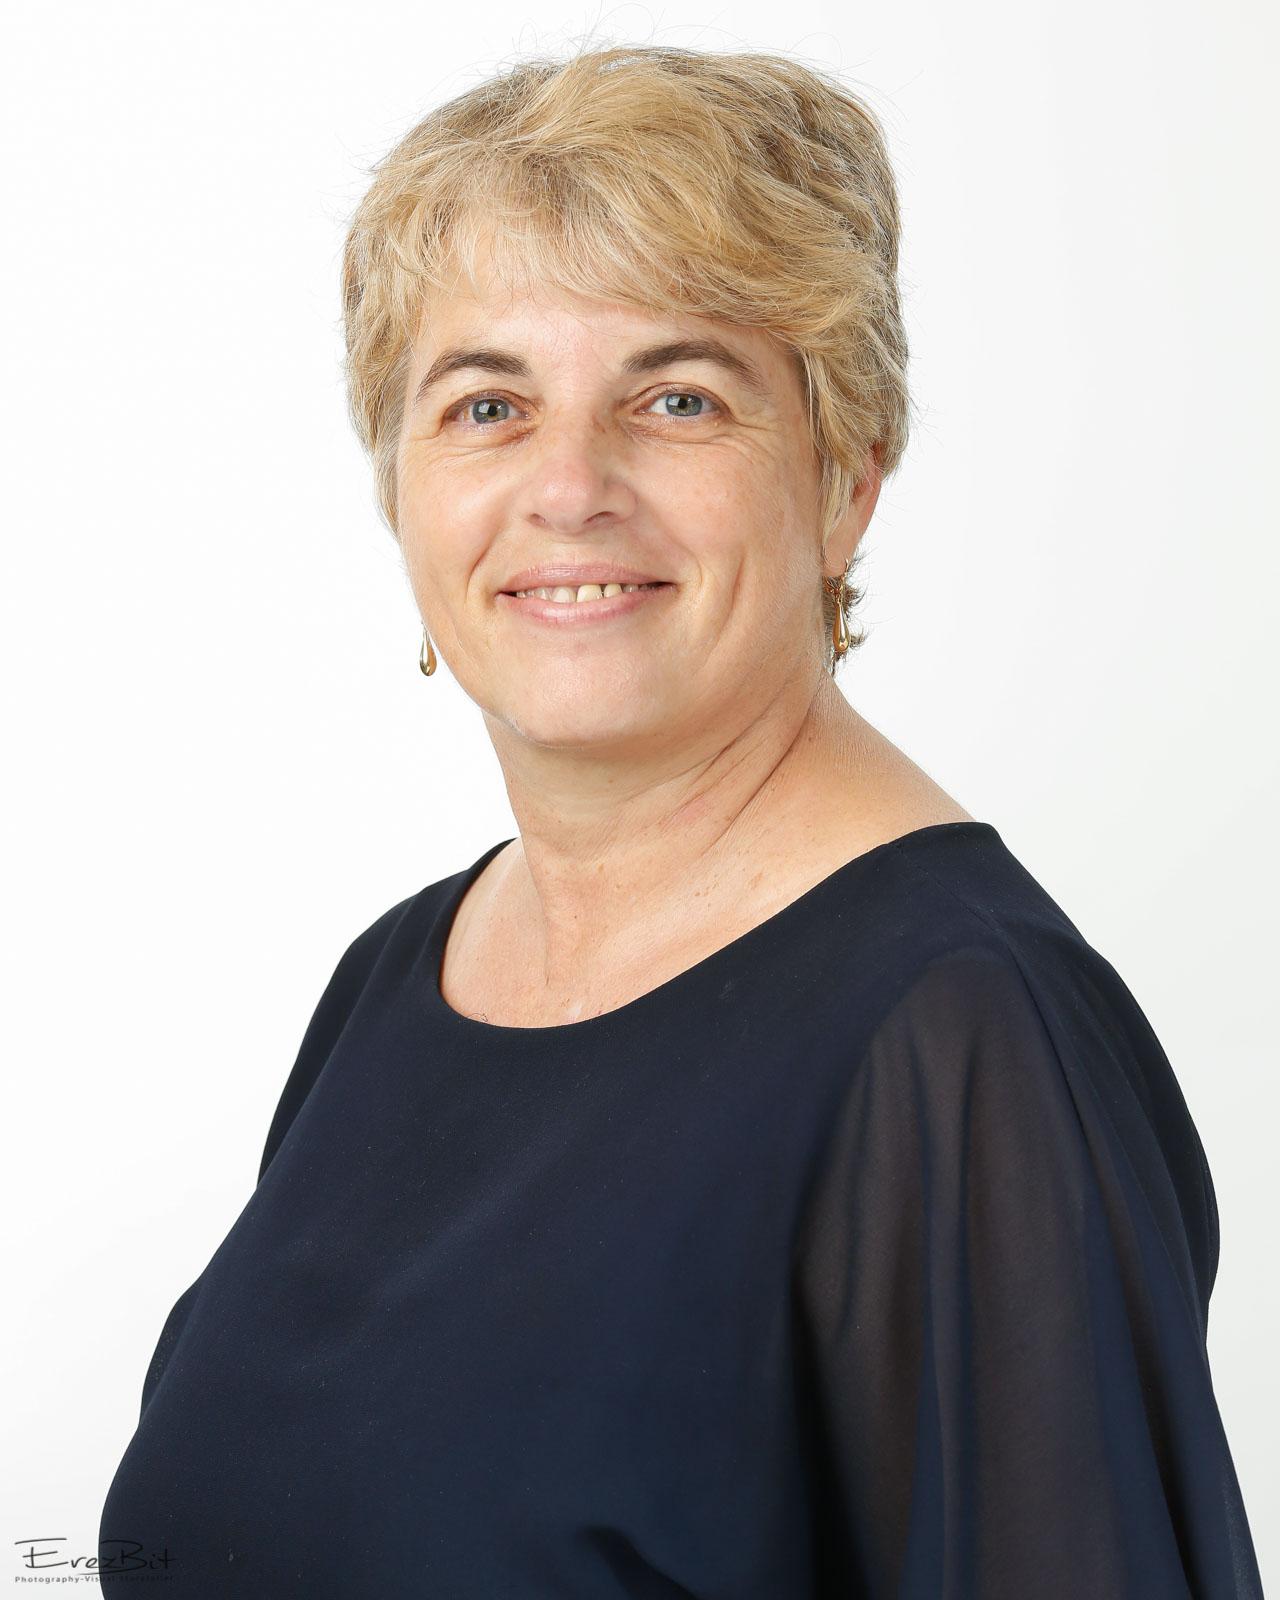 Ms. Atenas-Haelion Sara